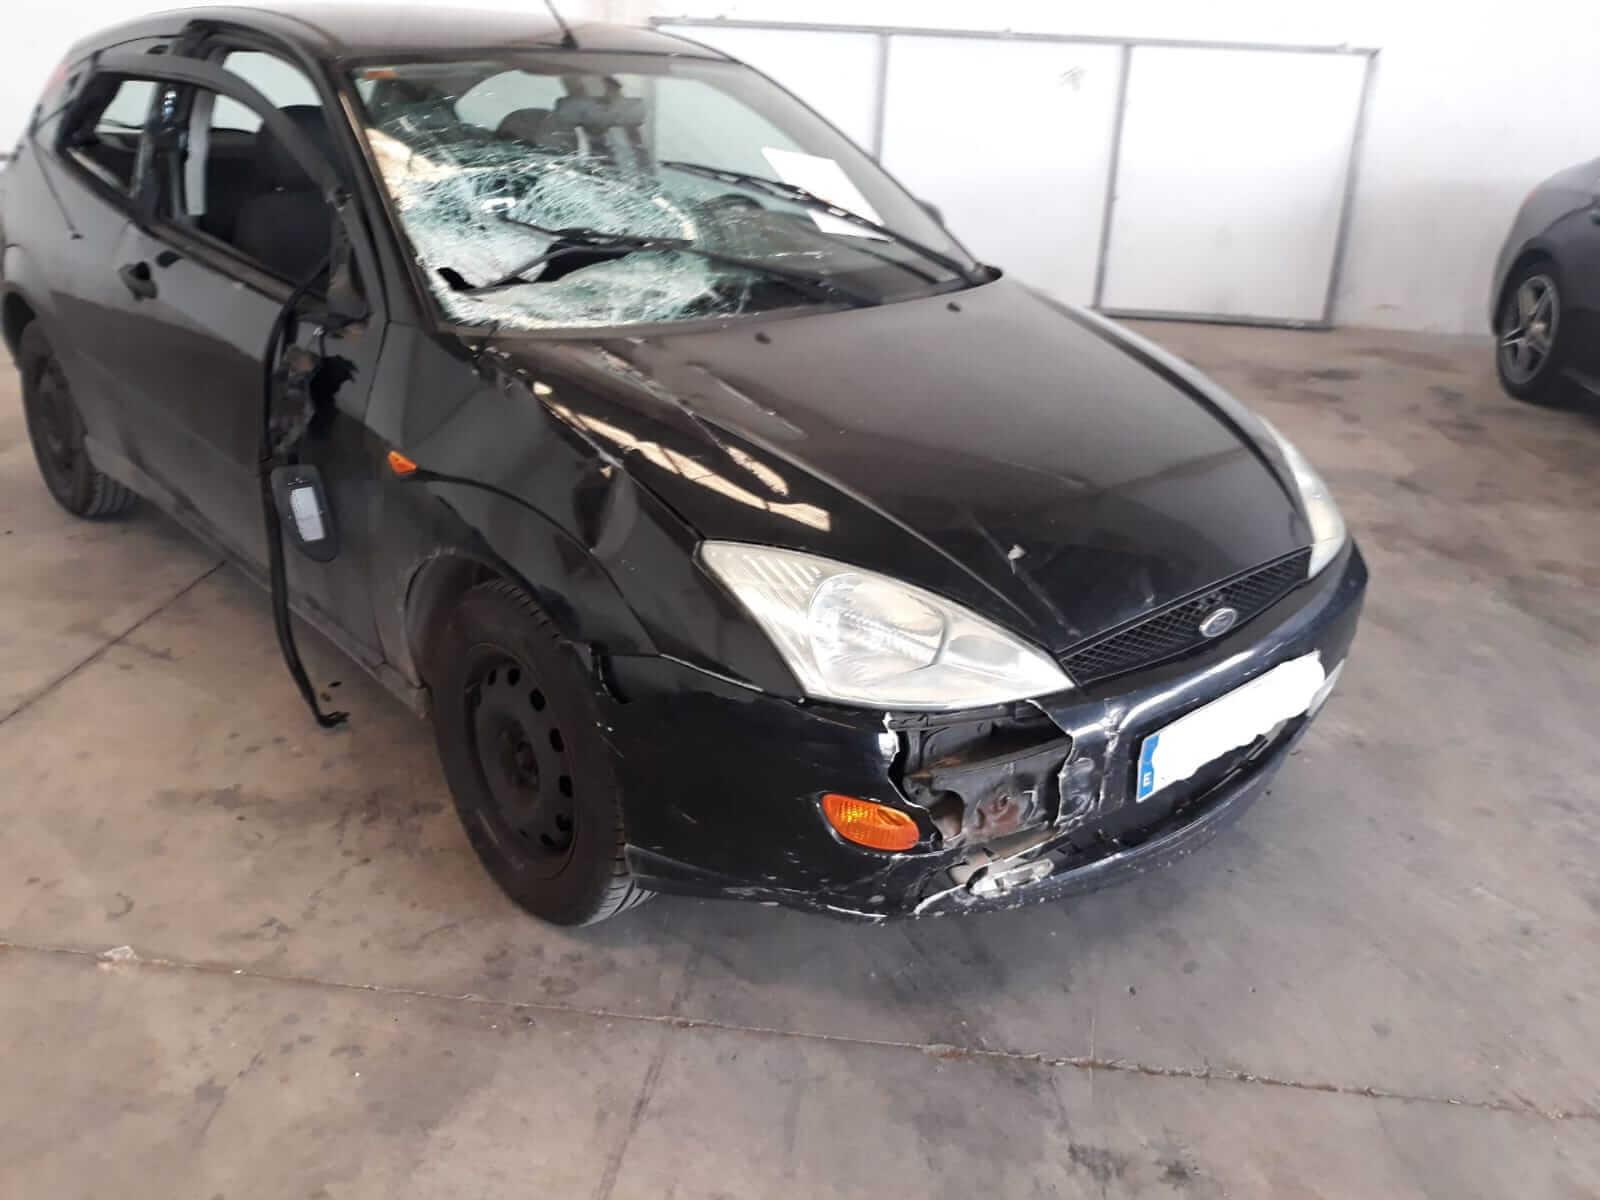 La Policía Local de Calahorra localiza el vehículo que ocasionó daños en el vallado del Paseo del Mercadal